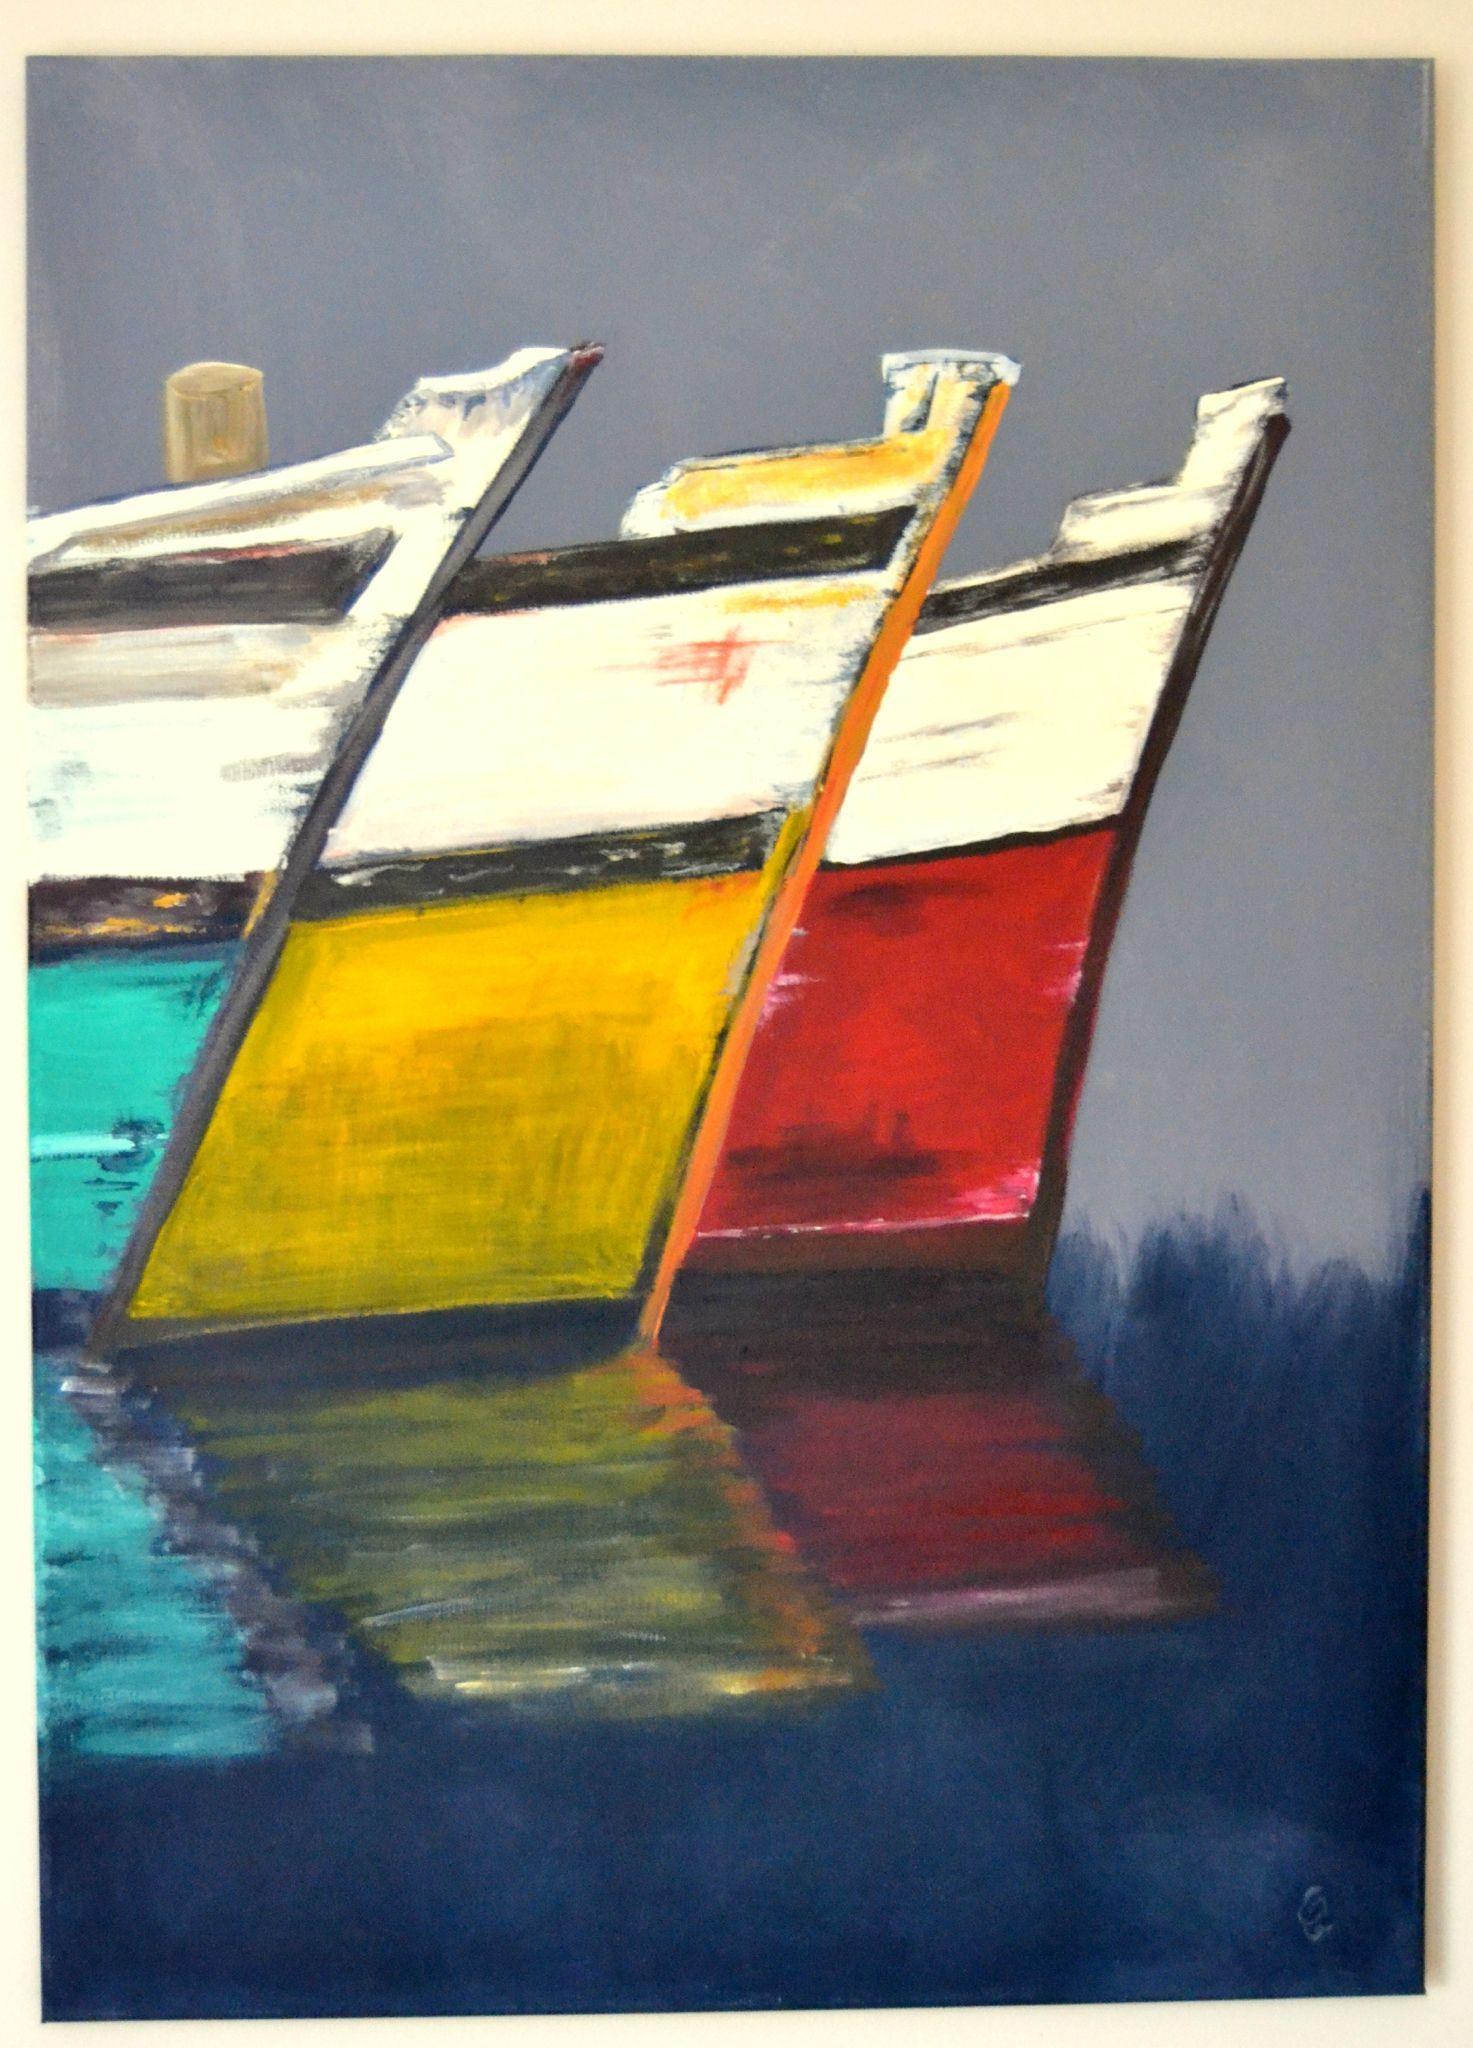 Peinture Acrylique Facile A Realiser Un Paysage En Peinture Acrylique One Net